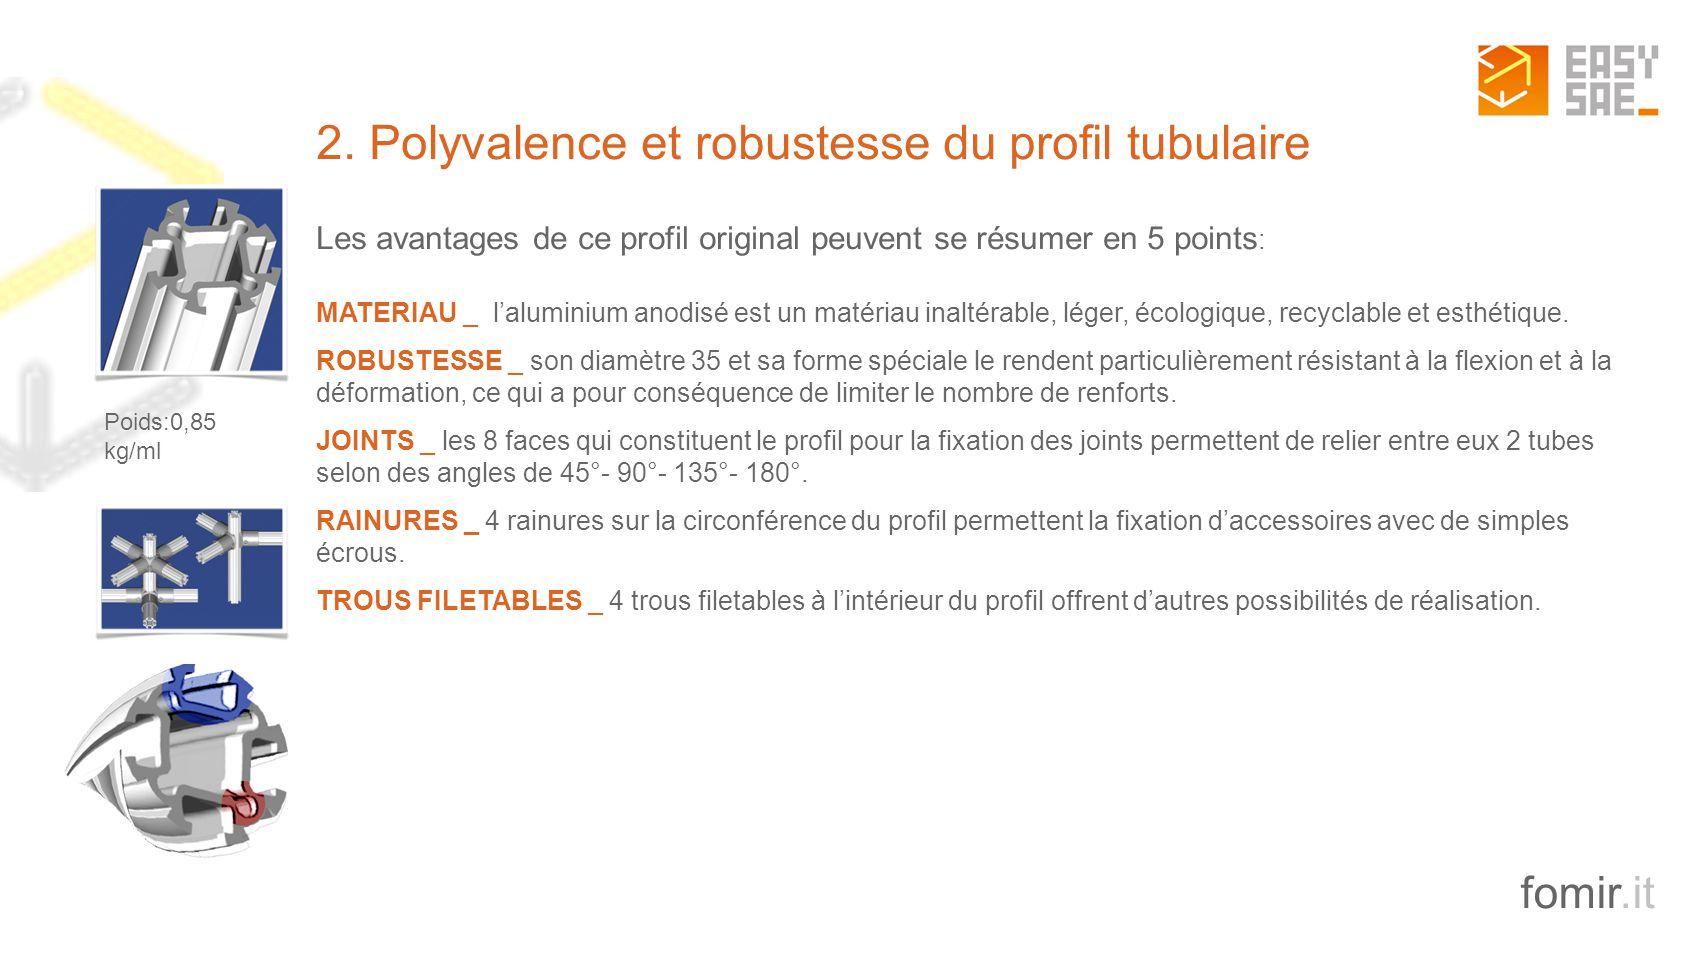 fomir.it 2. Polyvalence et robustesse du profil tubulaire Les avantages de ce profil original peuvent se résumer en 5 points : MATERIAU _ l'aluminium